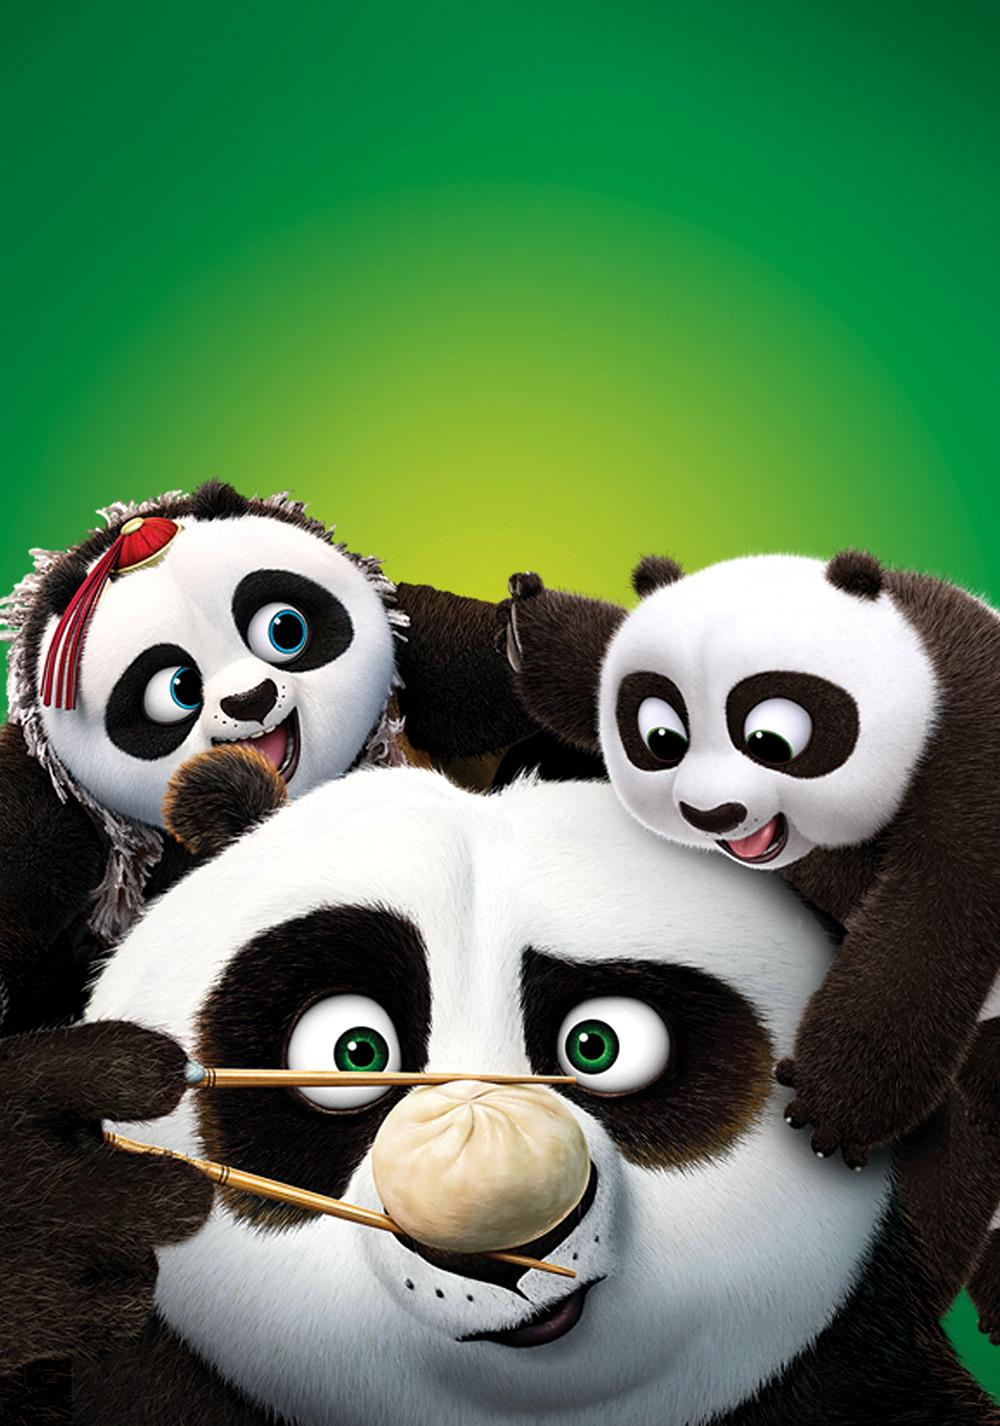 Panda movies com